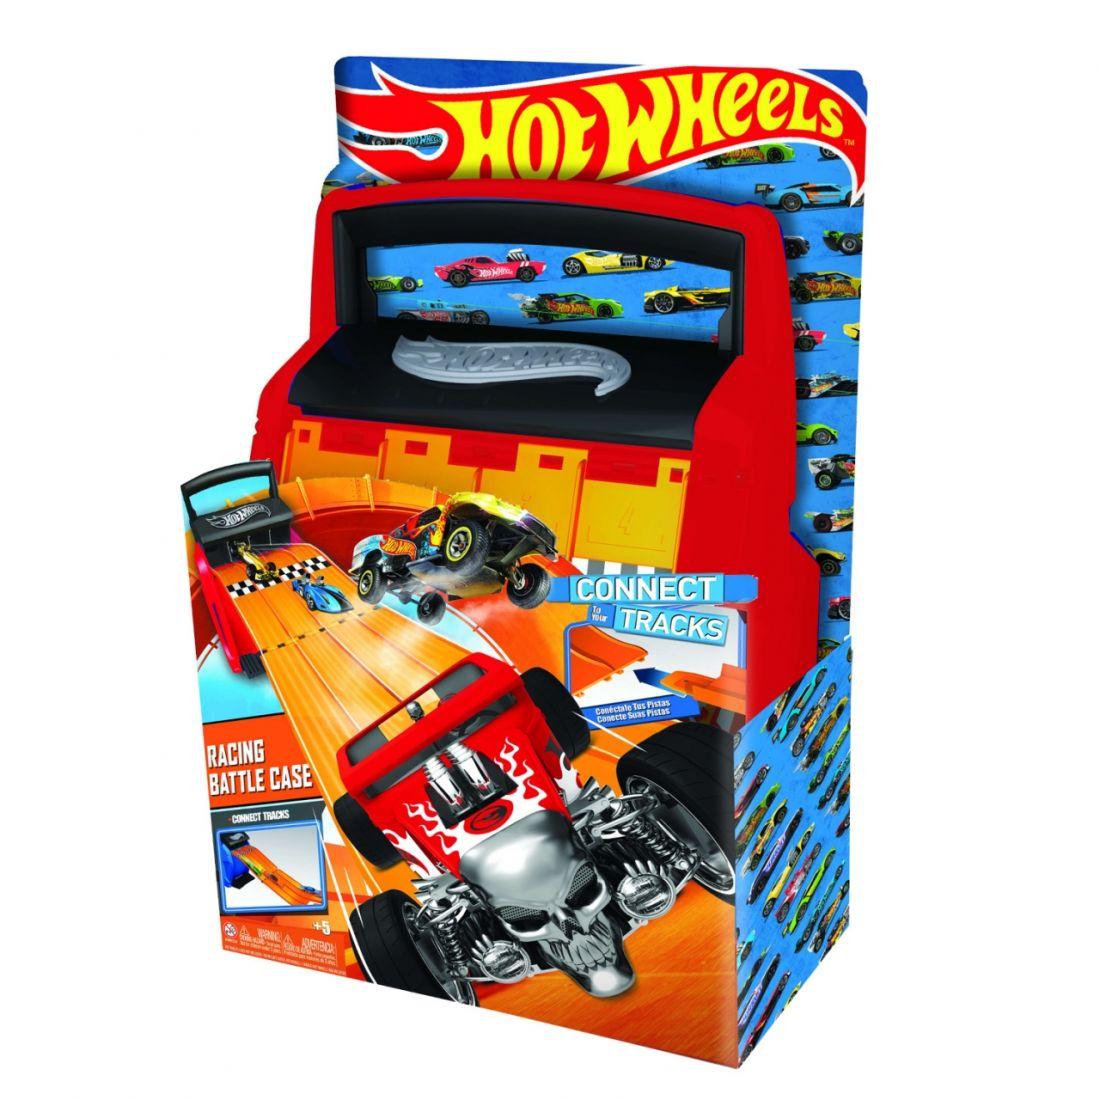 Кейс для хранения HOT WHEELS HWCC4 автотрек оранжевый